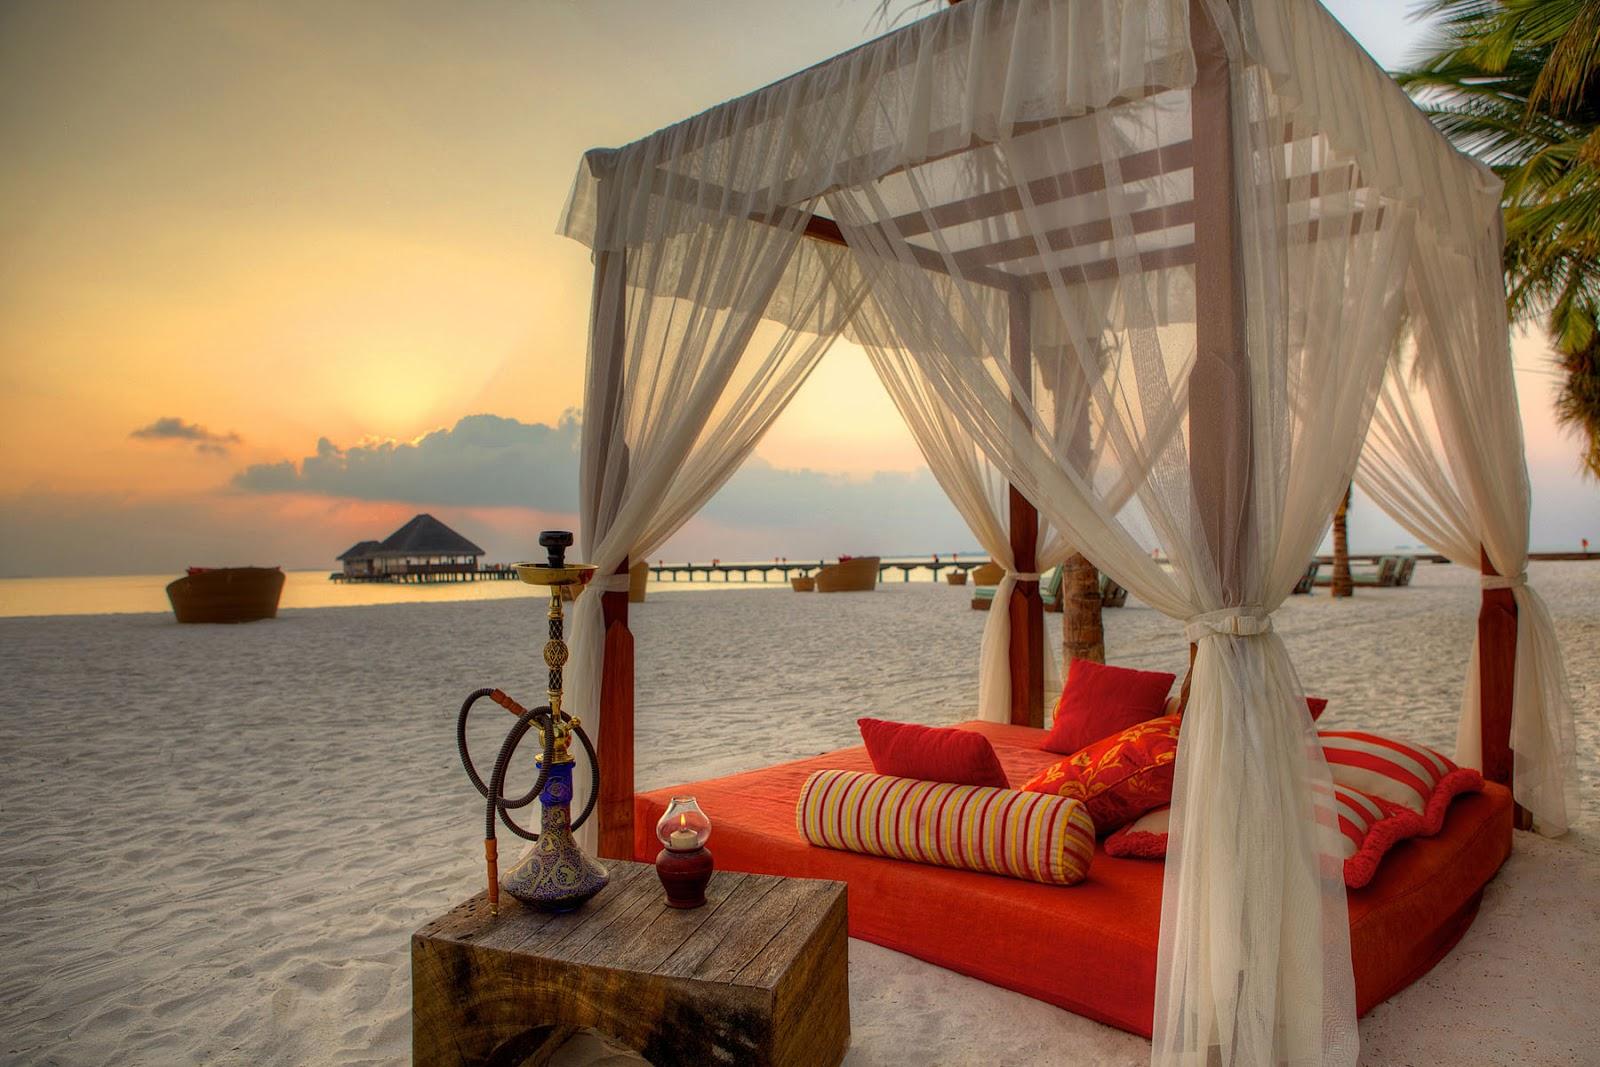 صور.. عرس مغربي تقليدي على شواطئ المالديف يثير  رواد التواصل الاجتماعي